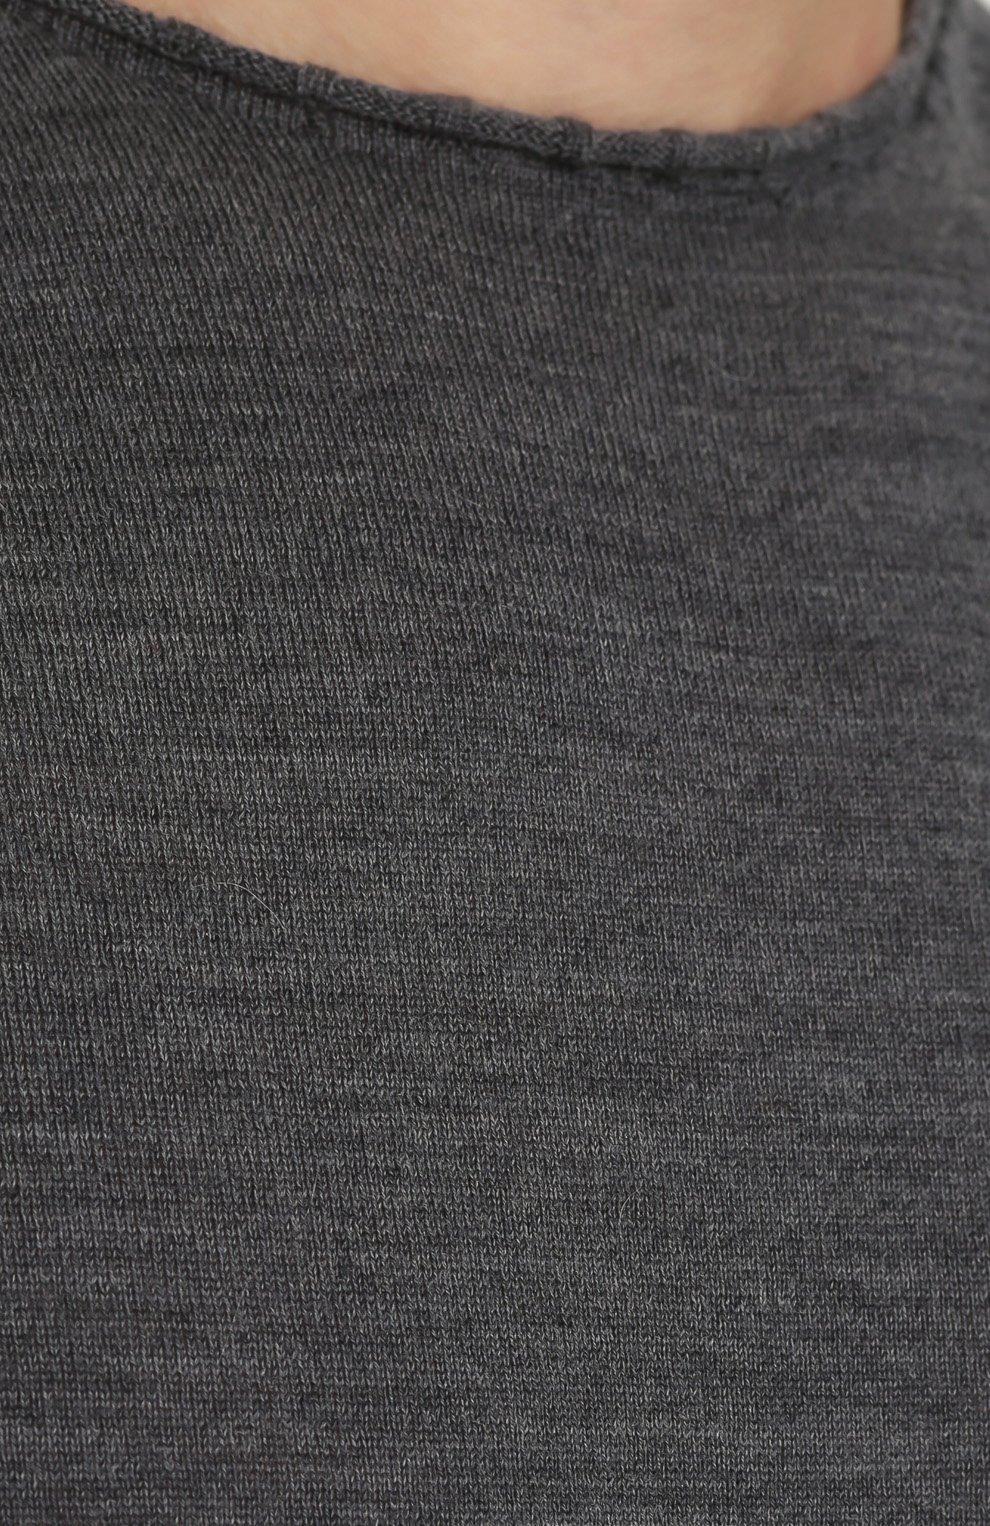 Удлиненный шерстяной джемпер с эффектом деграде | Фото №5